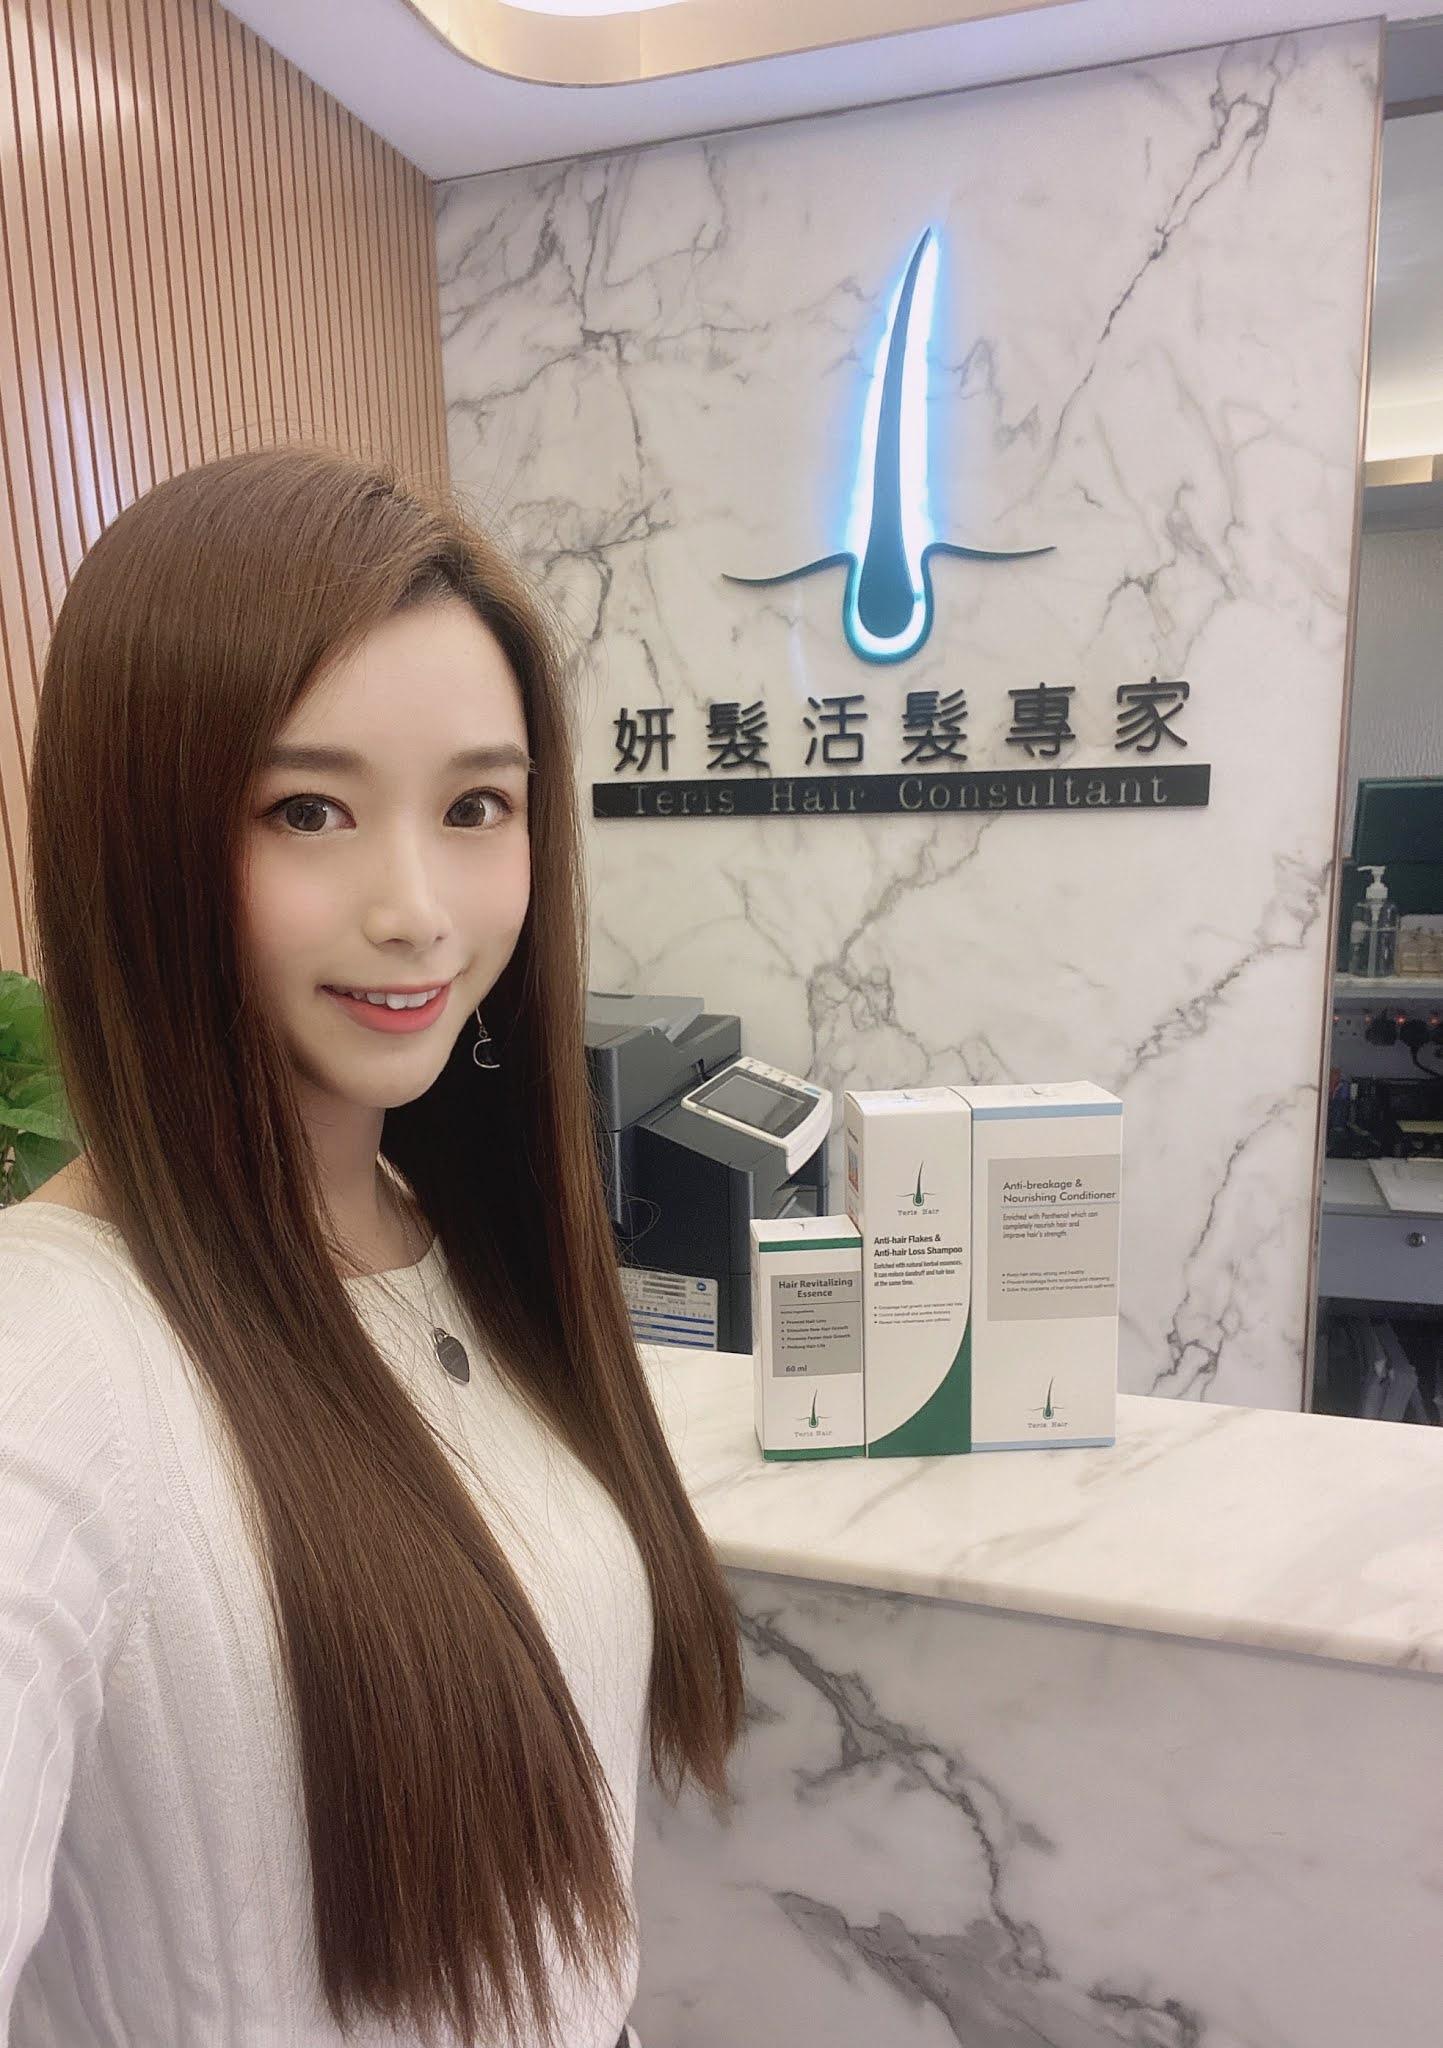 ◕◡◕改善脫髮、頭皮痕癢、毛囊阻塞等問題♥Teris Hair妍髮活髮專家